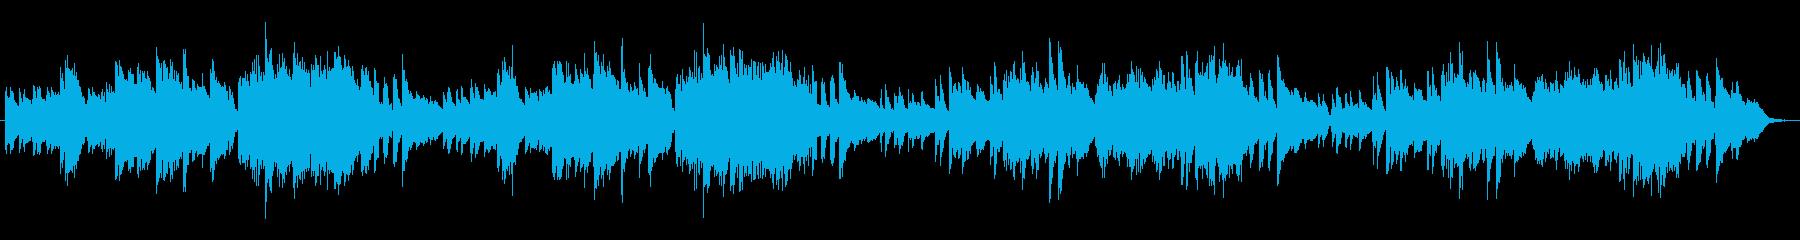 解説場面で使えそうな軽やかなピアノ曲の再生済みの波形